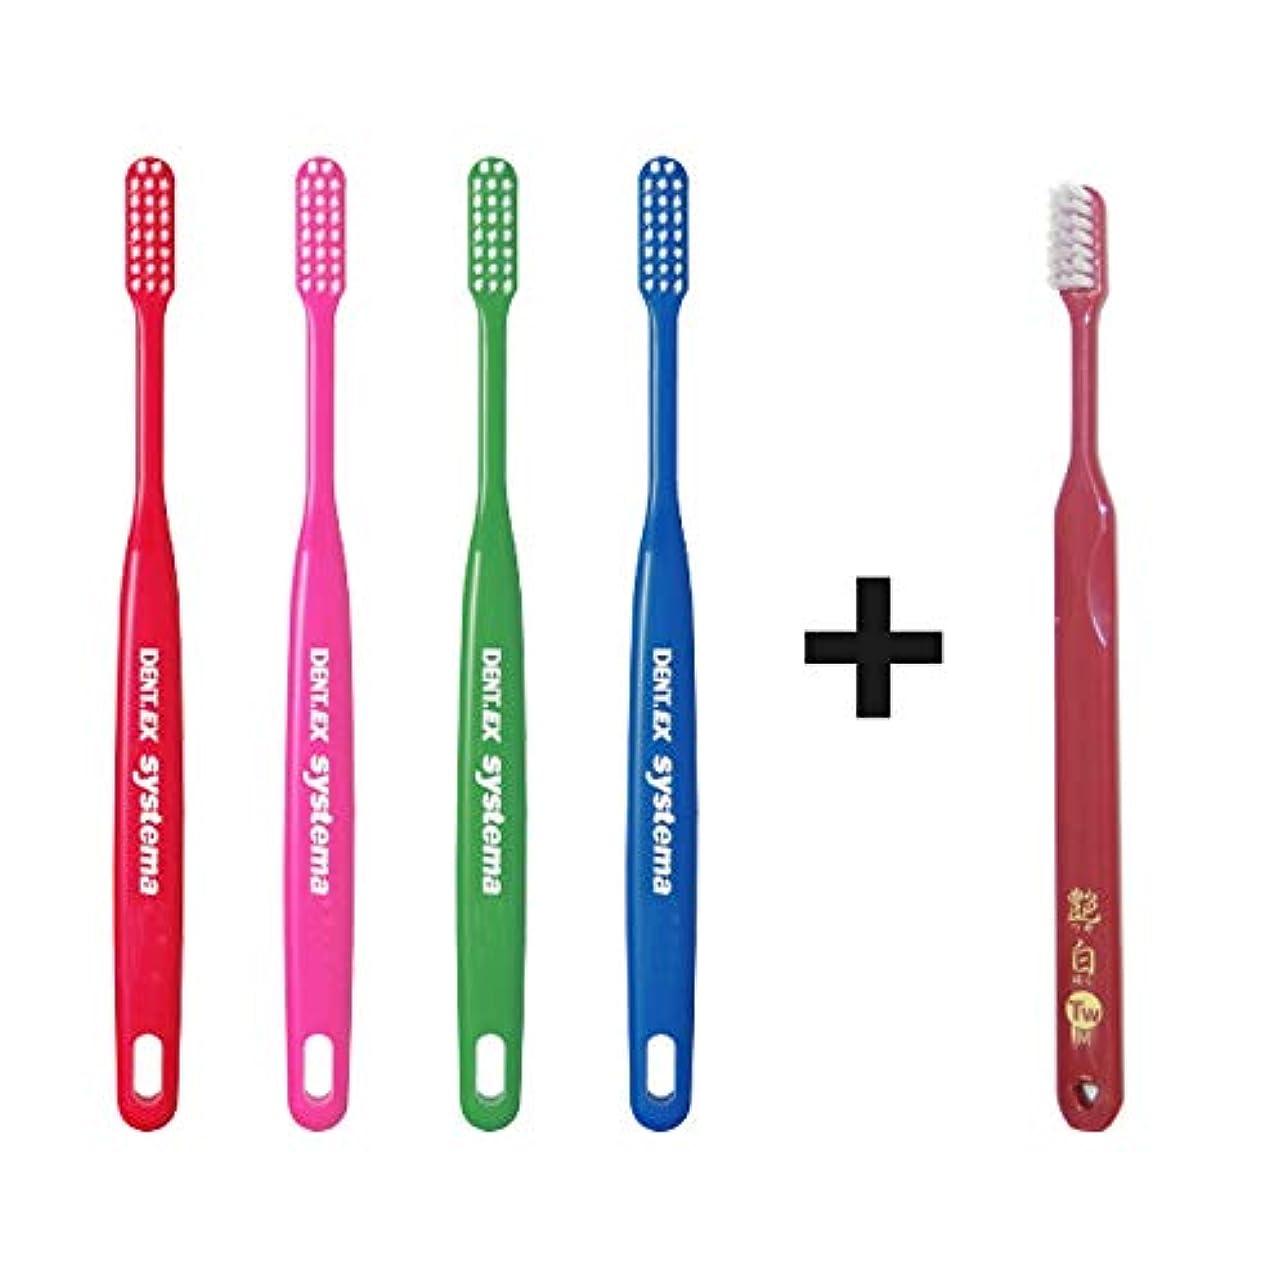 ライオン DENT.EX システマ 歯ブラシ 42H × 10本 +「艶白(つやはく)」歯ブラシ ツイン(M) × 1本 (日本製) 歯周病予防